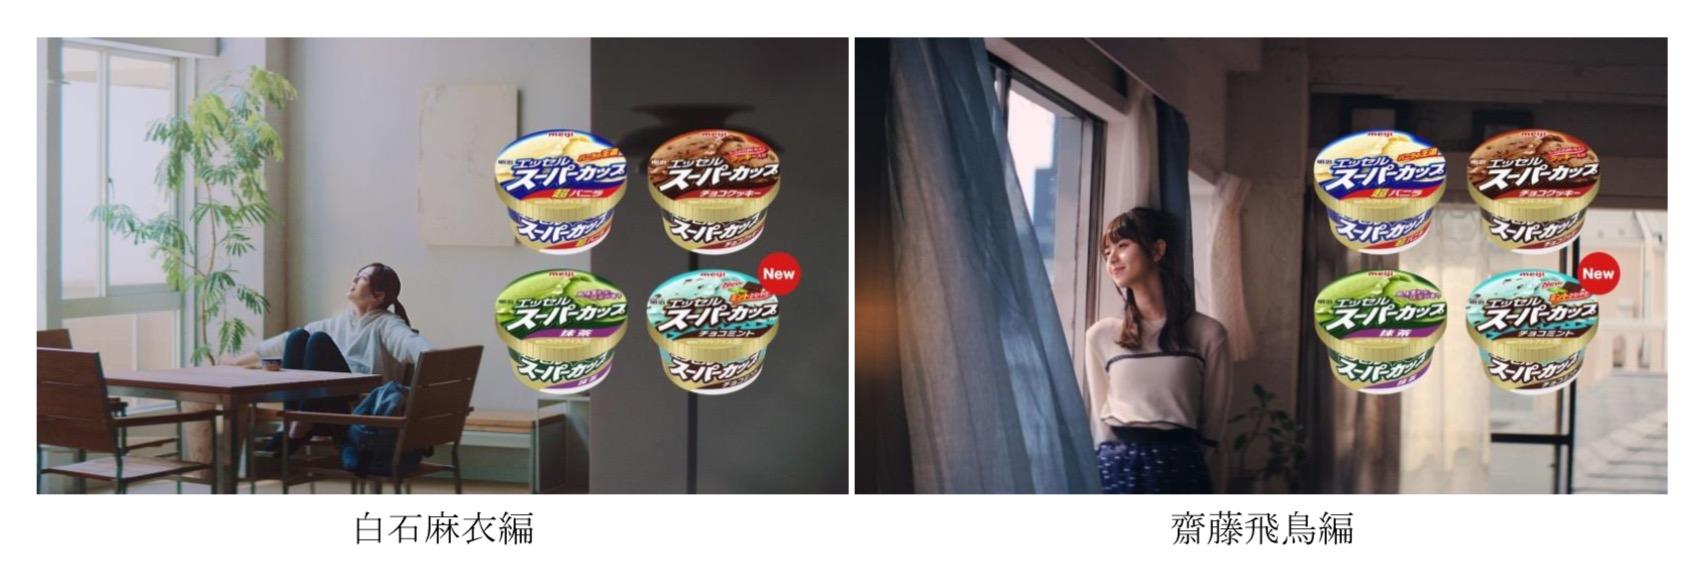 「明治 エッセルスーパーカップ」新CM(出演:白石麻衣、齋藤飛鳥)